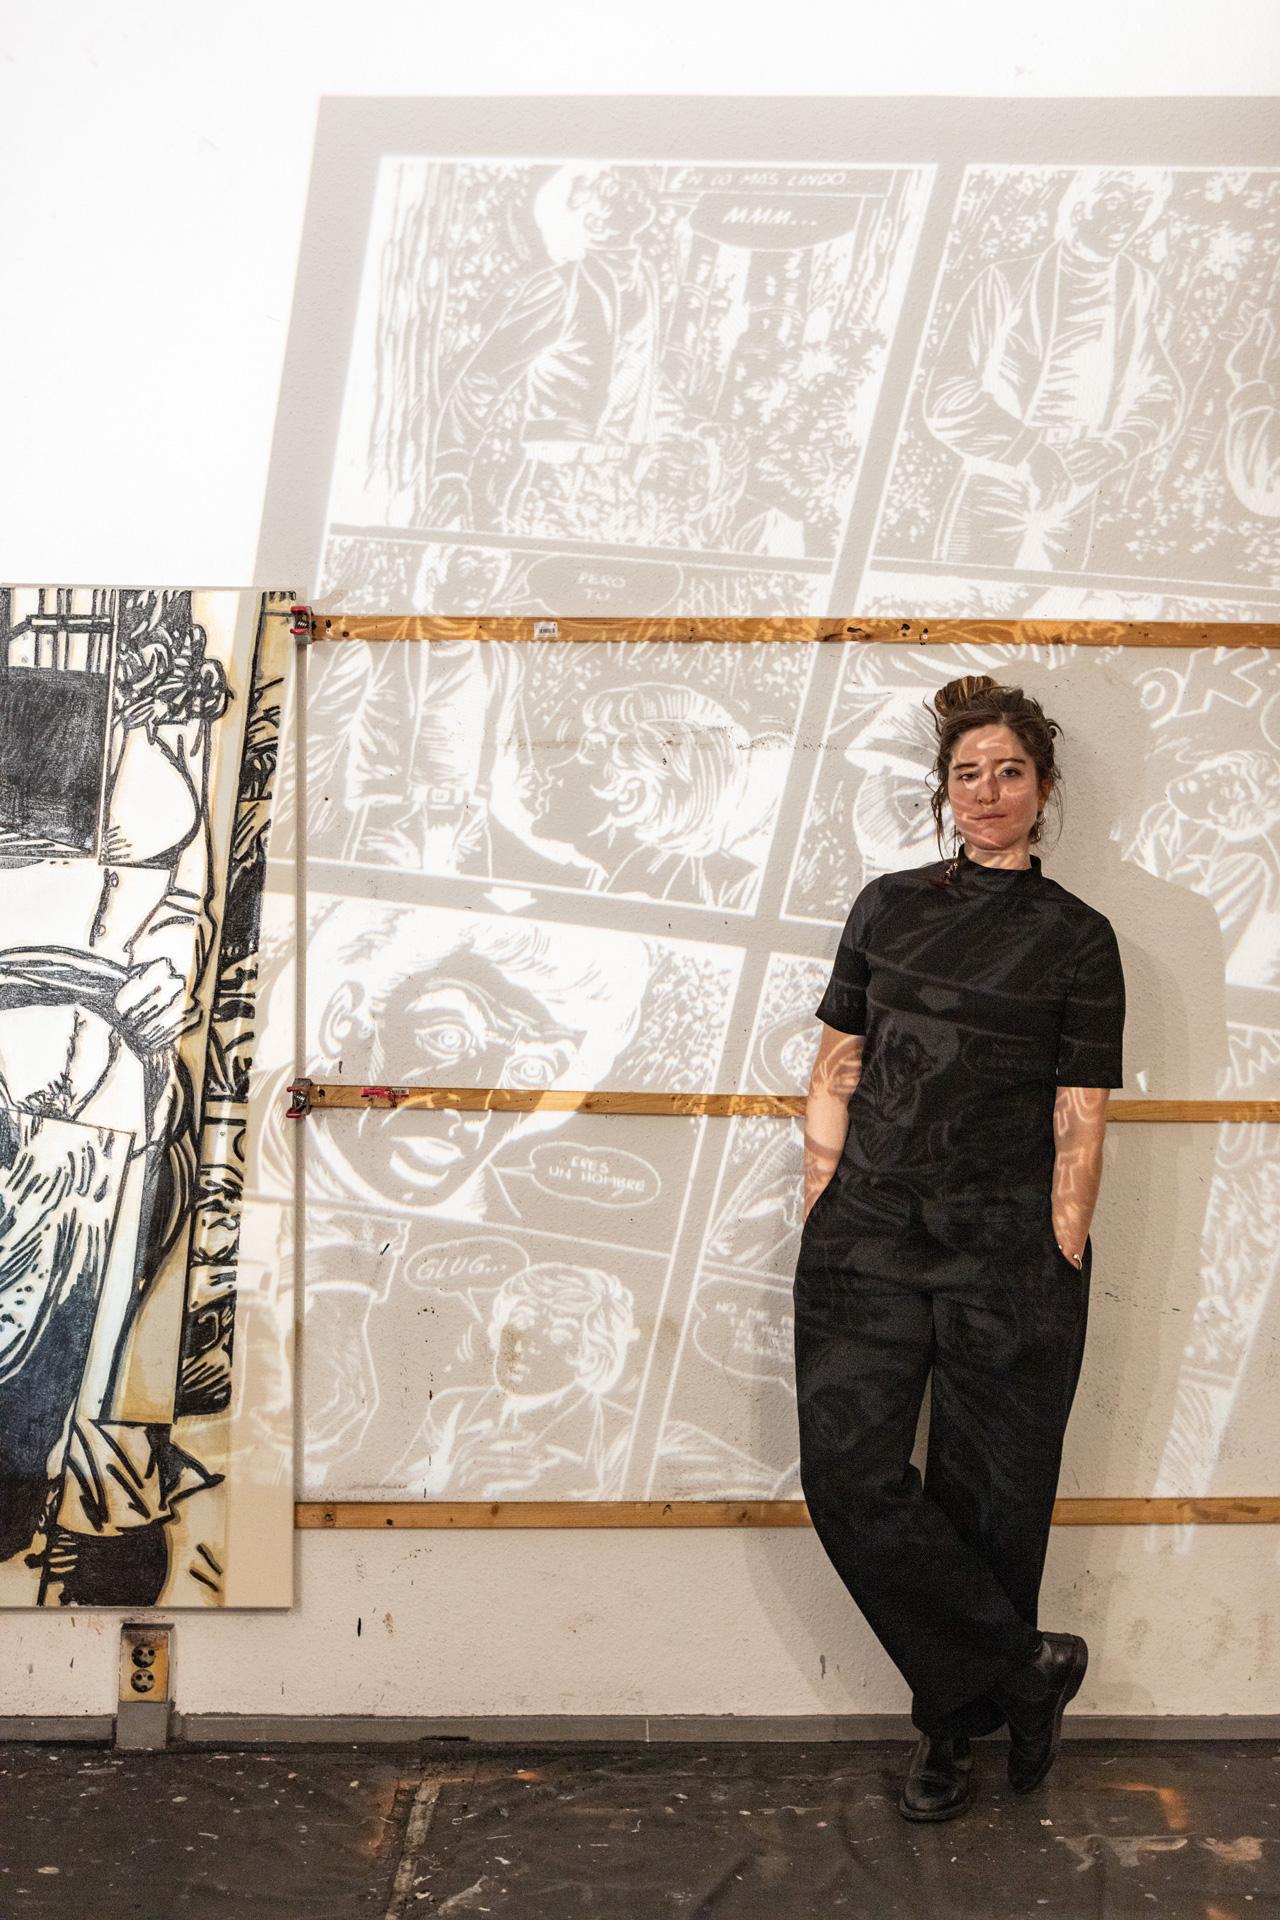 Entrevista ilustrada con Juana Anzellini, egresada de Arte